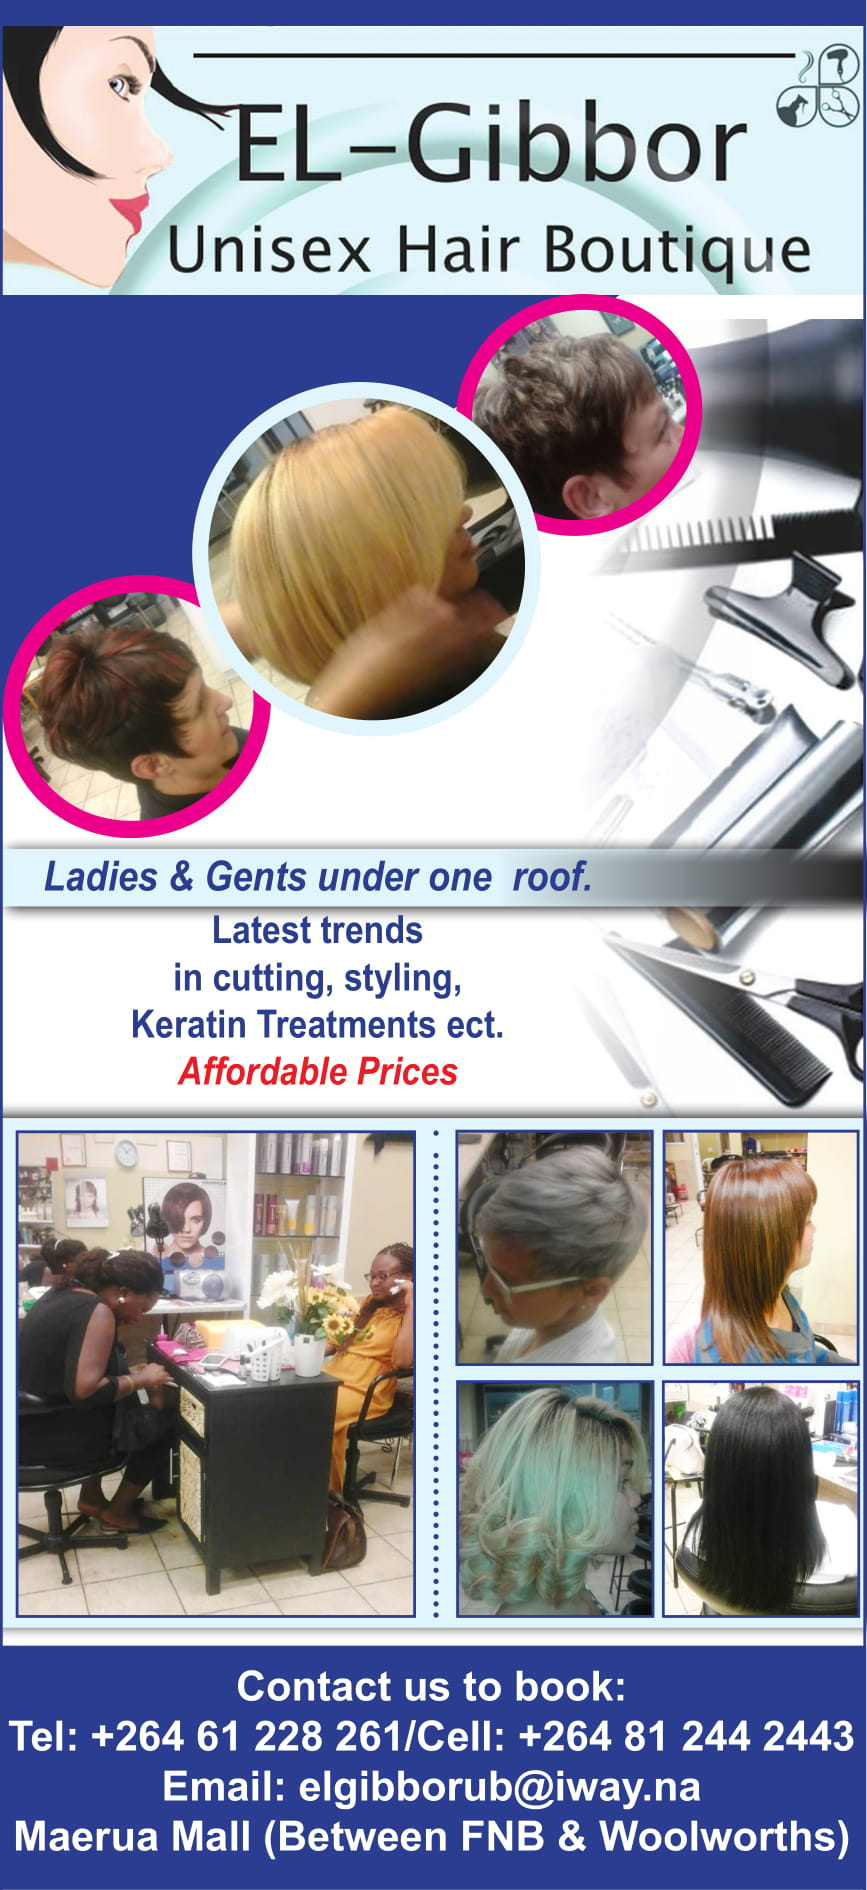 El-Gibbor Unisex Hair Studio